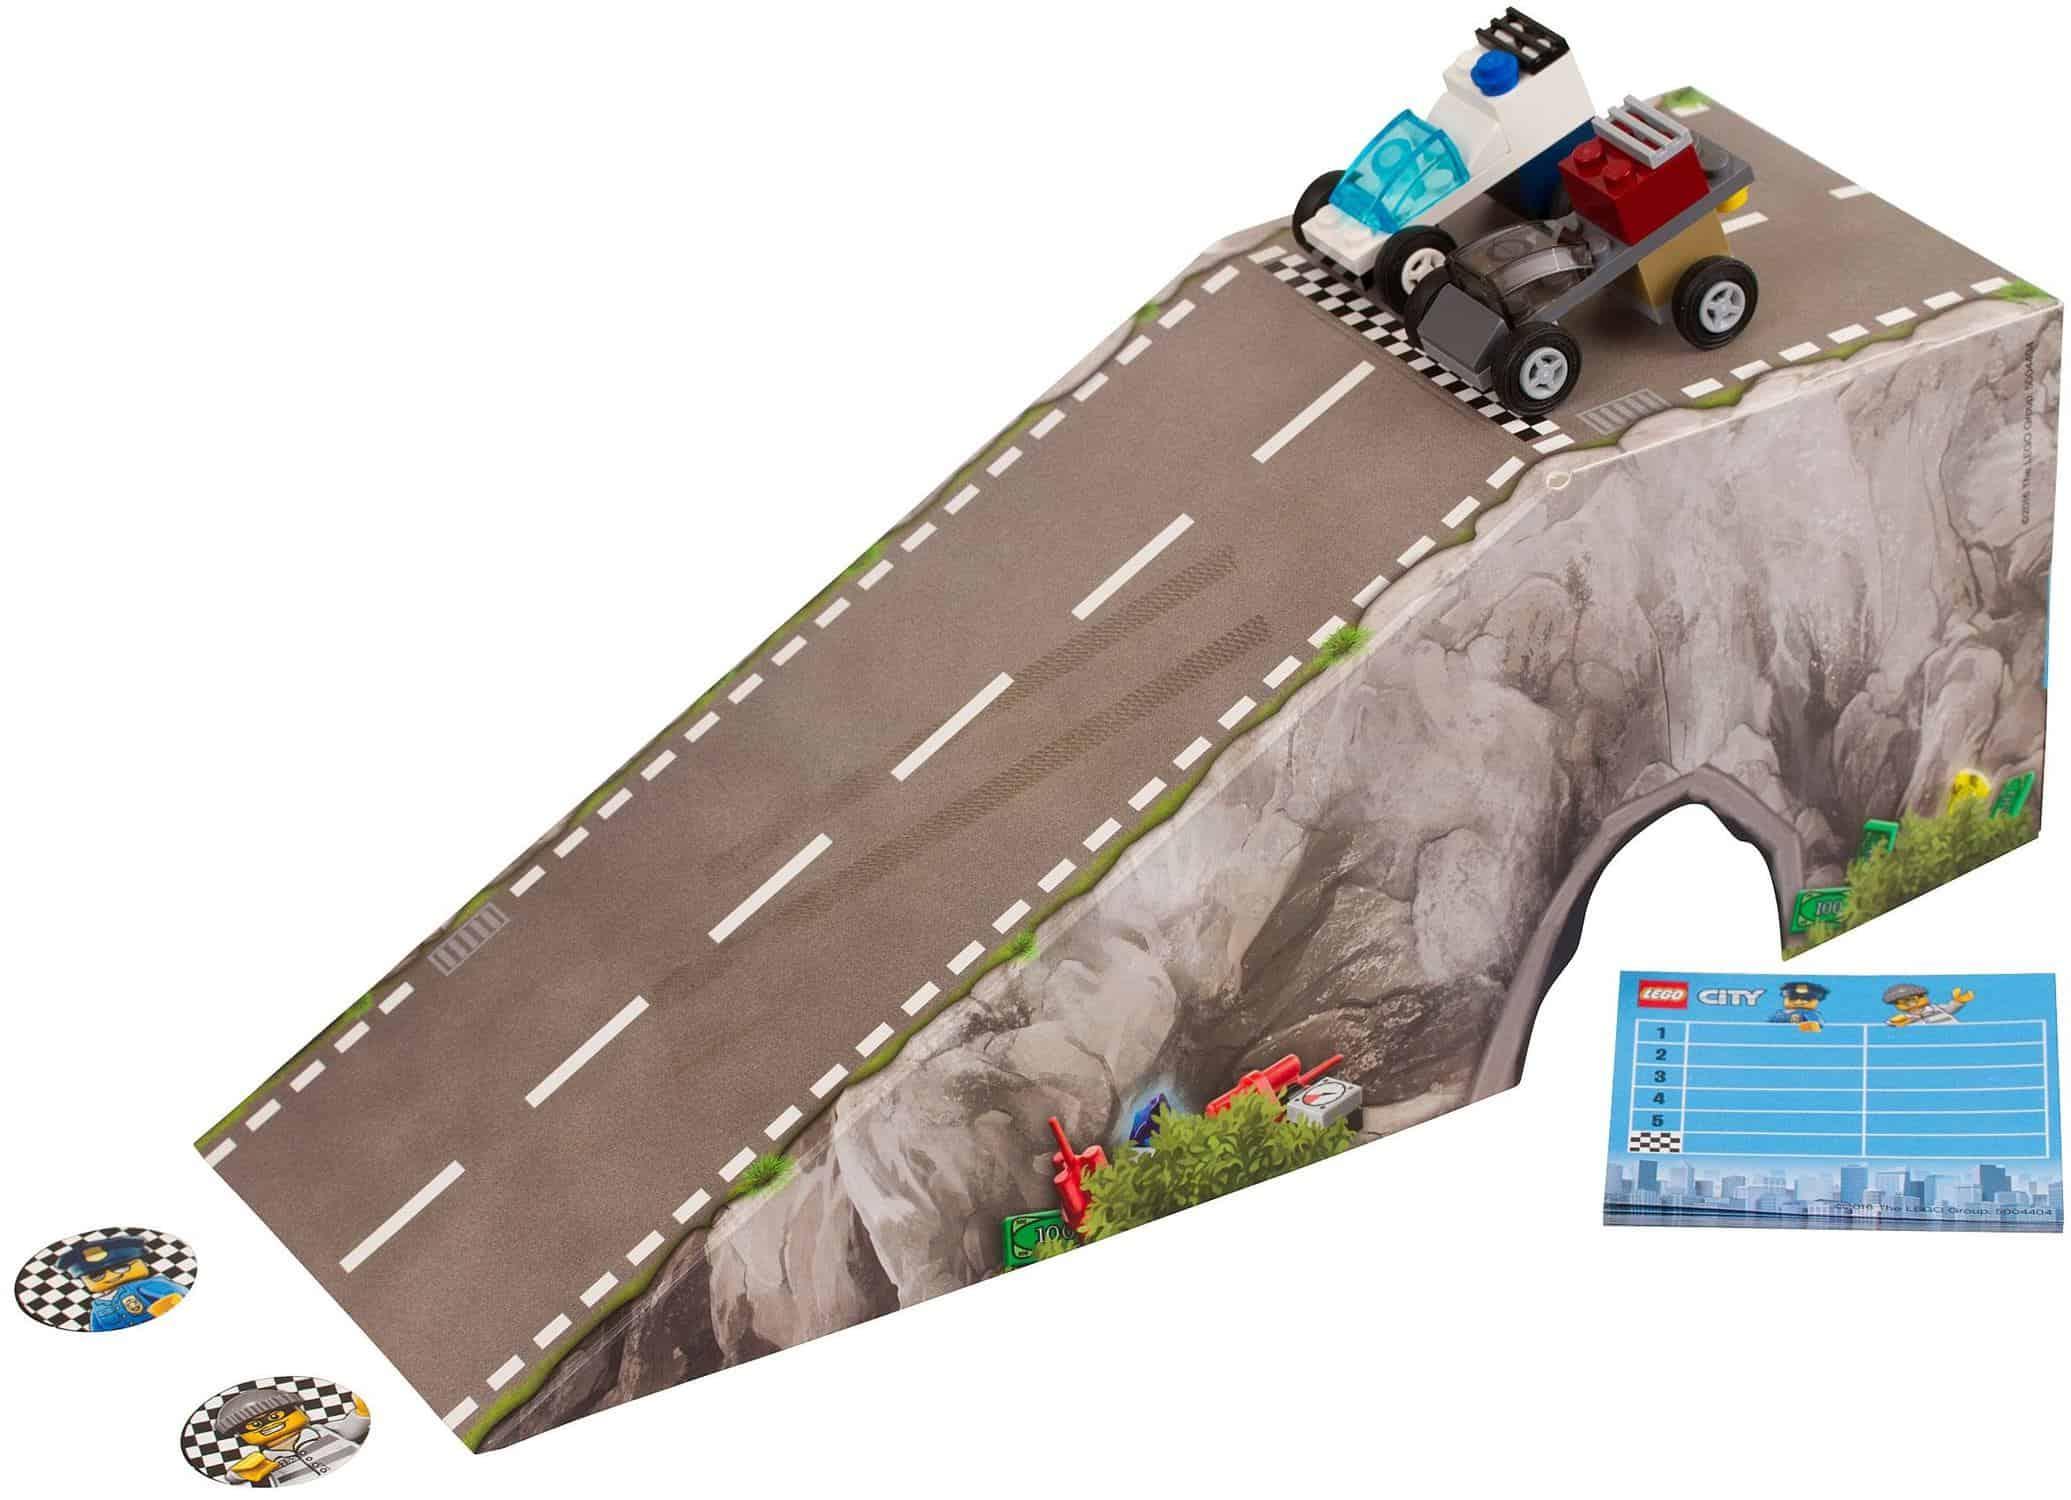 LEGO Set 5004404 City Police Chase – Racing Cars Polybag